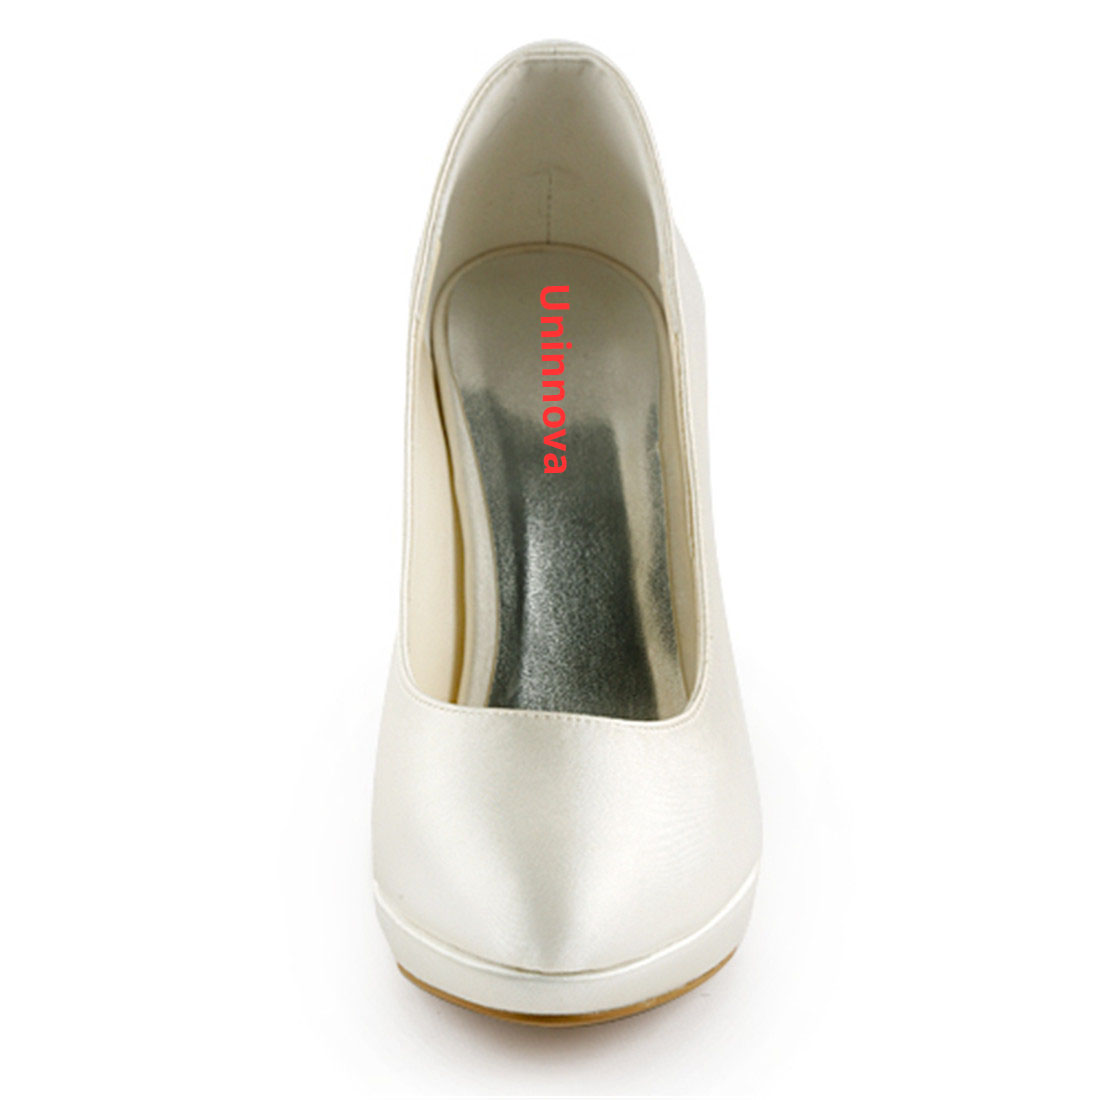 Élégant mince talons hauts mariée demoiselle d'honneur ivoire blanc Champagne plate forme pompes luxe Satin mariage chaussures Uninnova 521 1 LY - 3